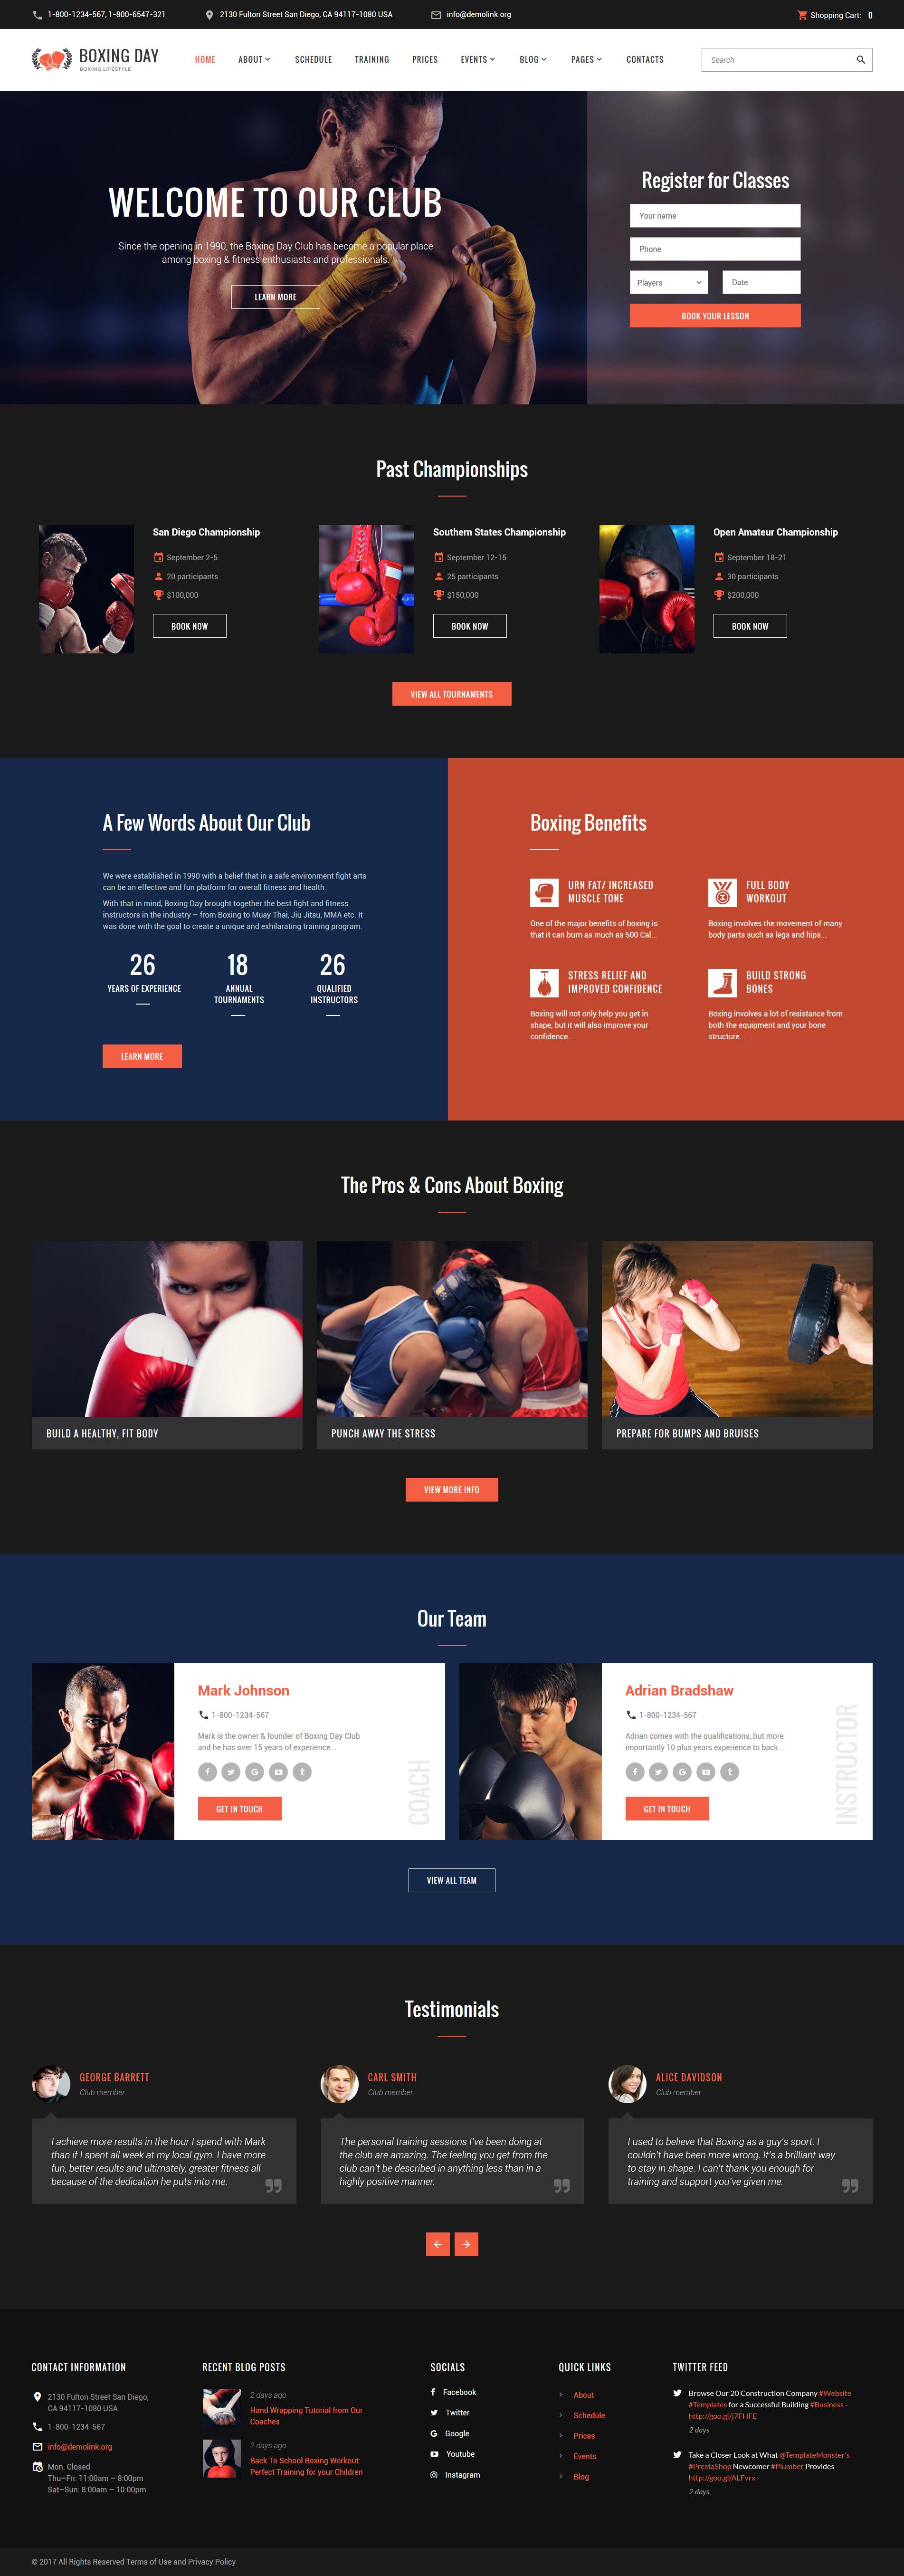 Responsywny szablon strony www Boxing Day - klub boksu #61393 - zrzut ekranu